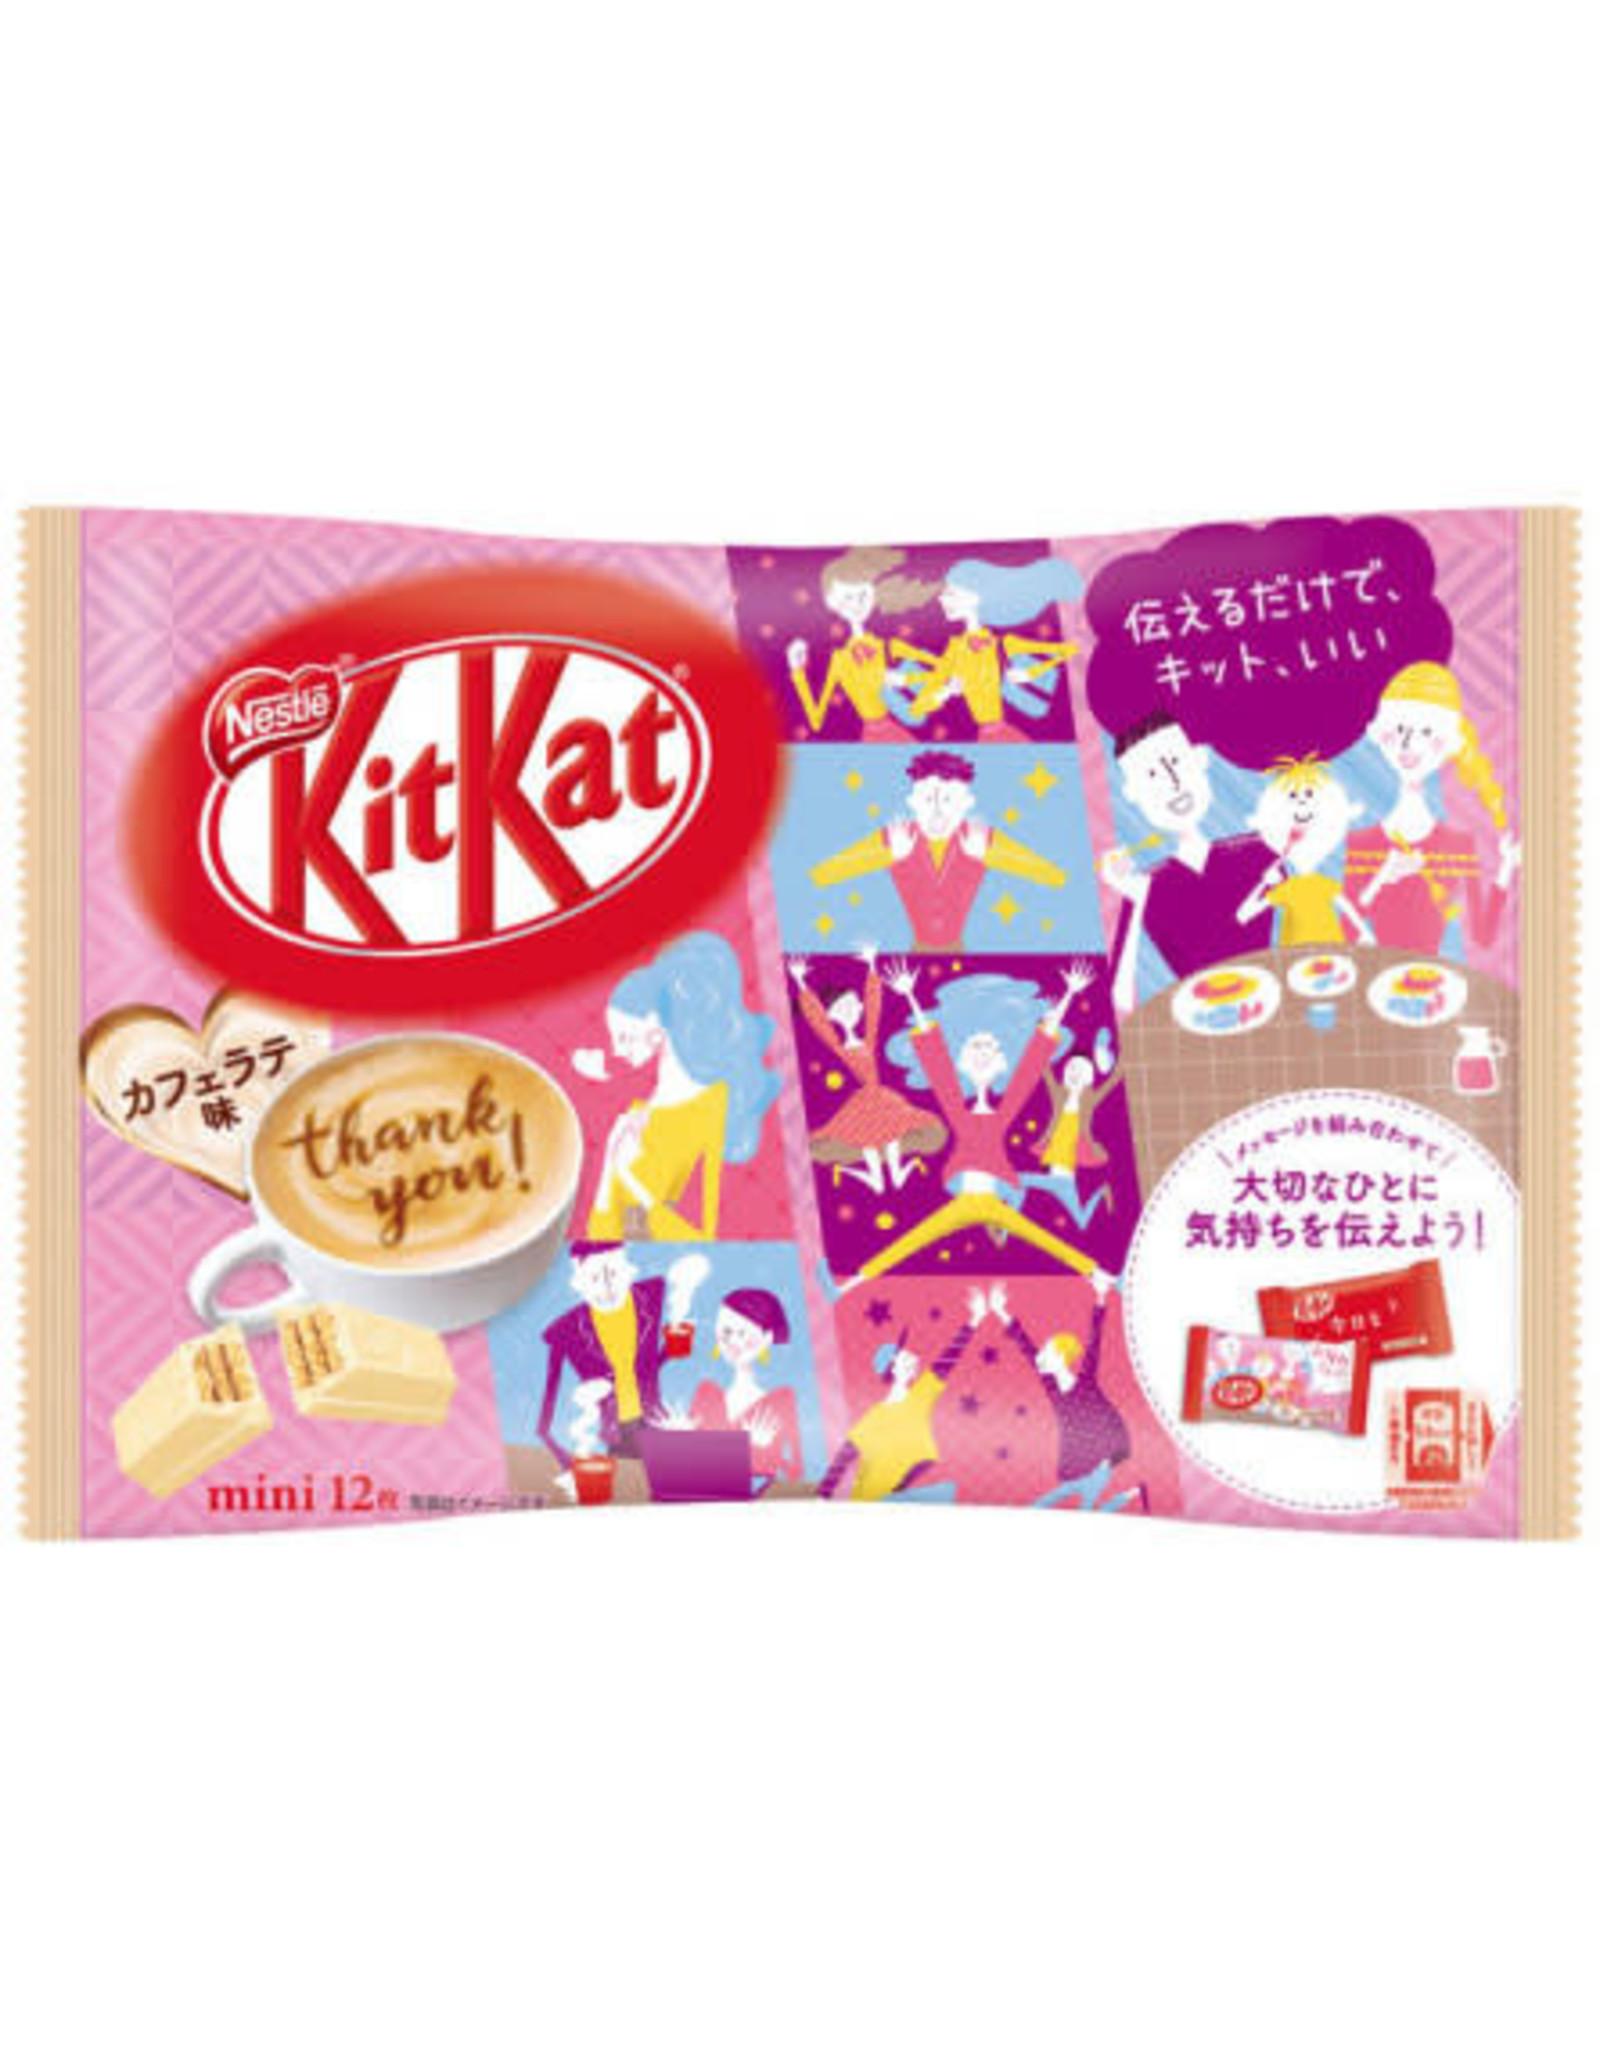 KitKat Mini Café Latte